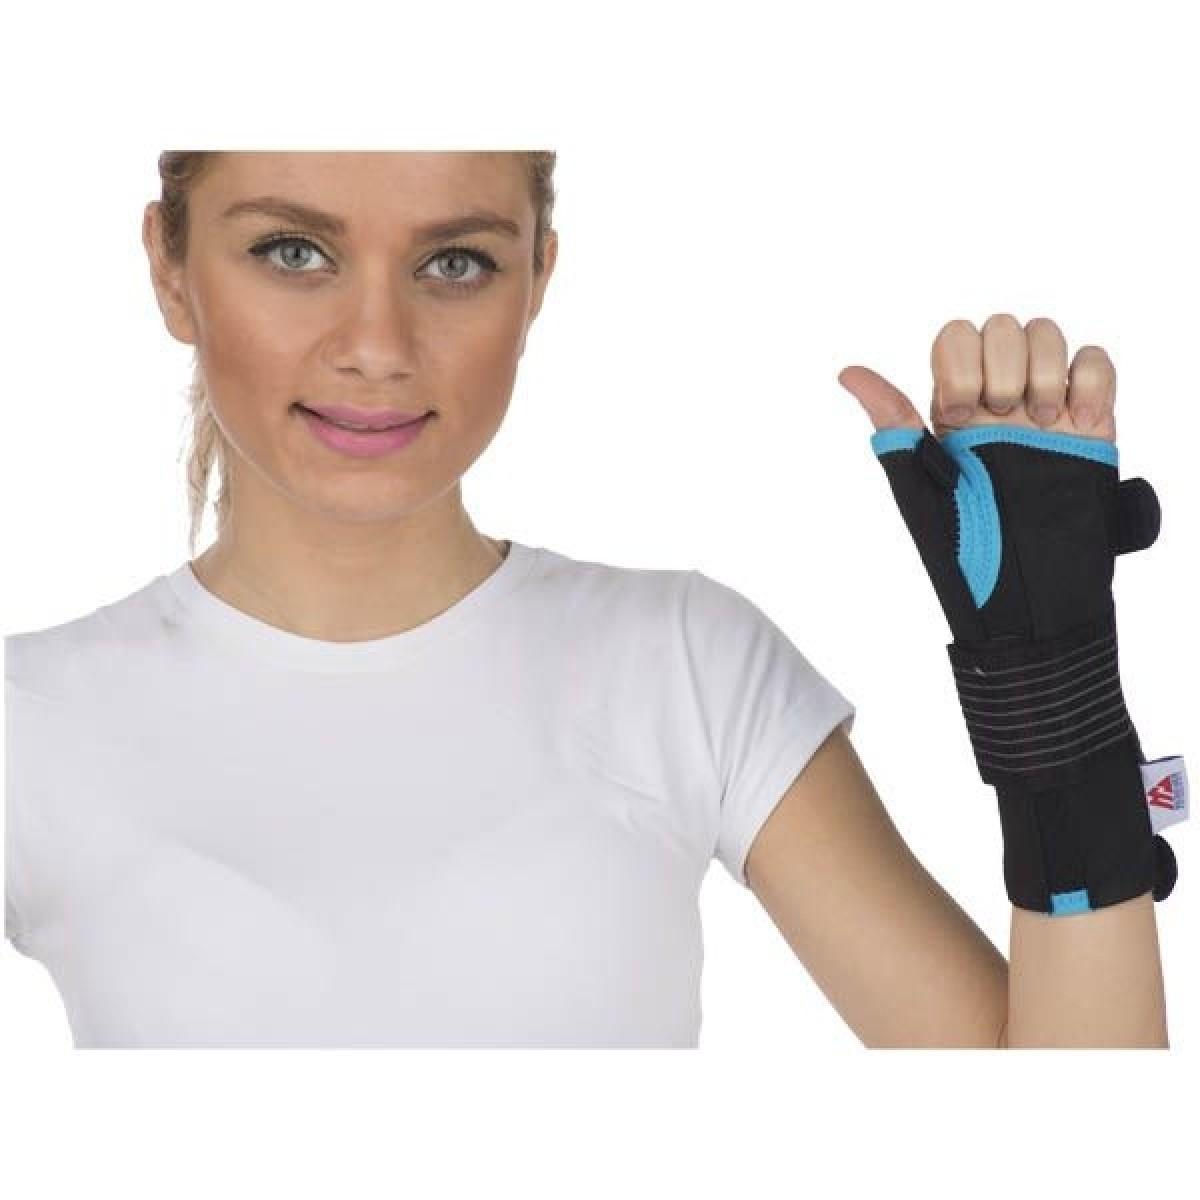 Başparmak destekli el bilek ateli - splinti (Neopren)